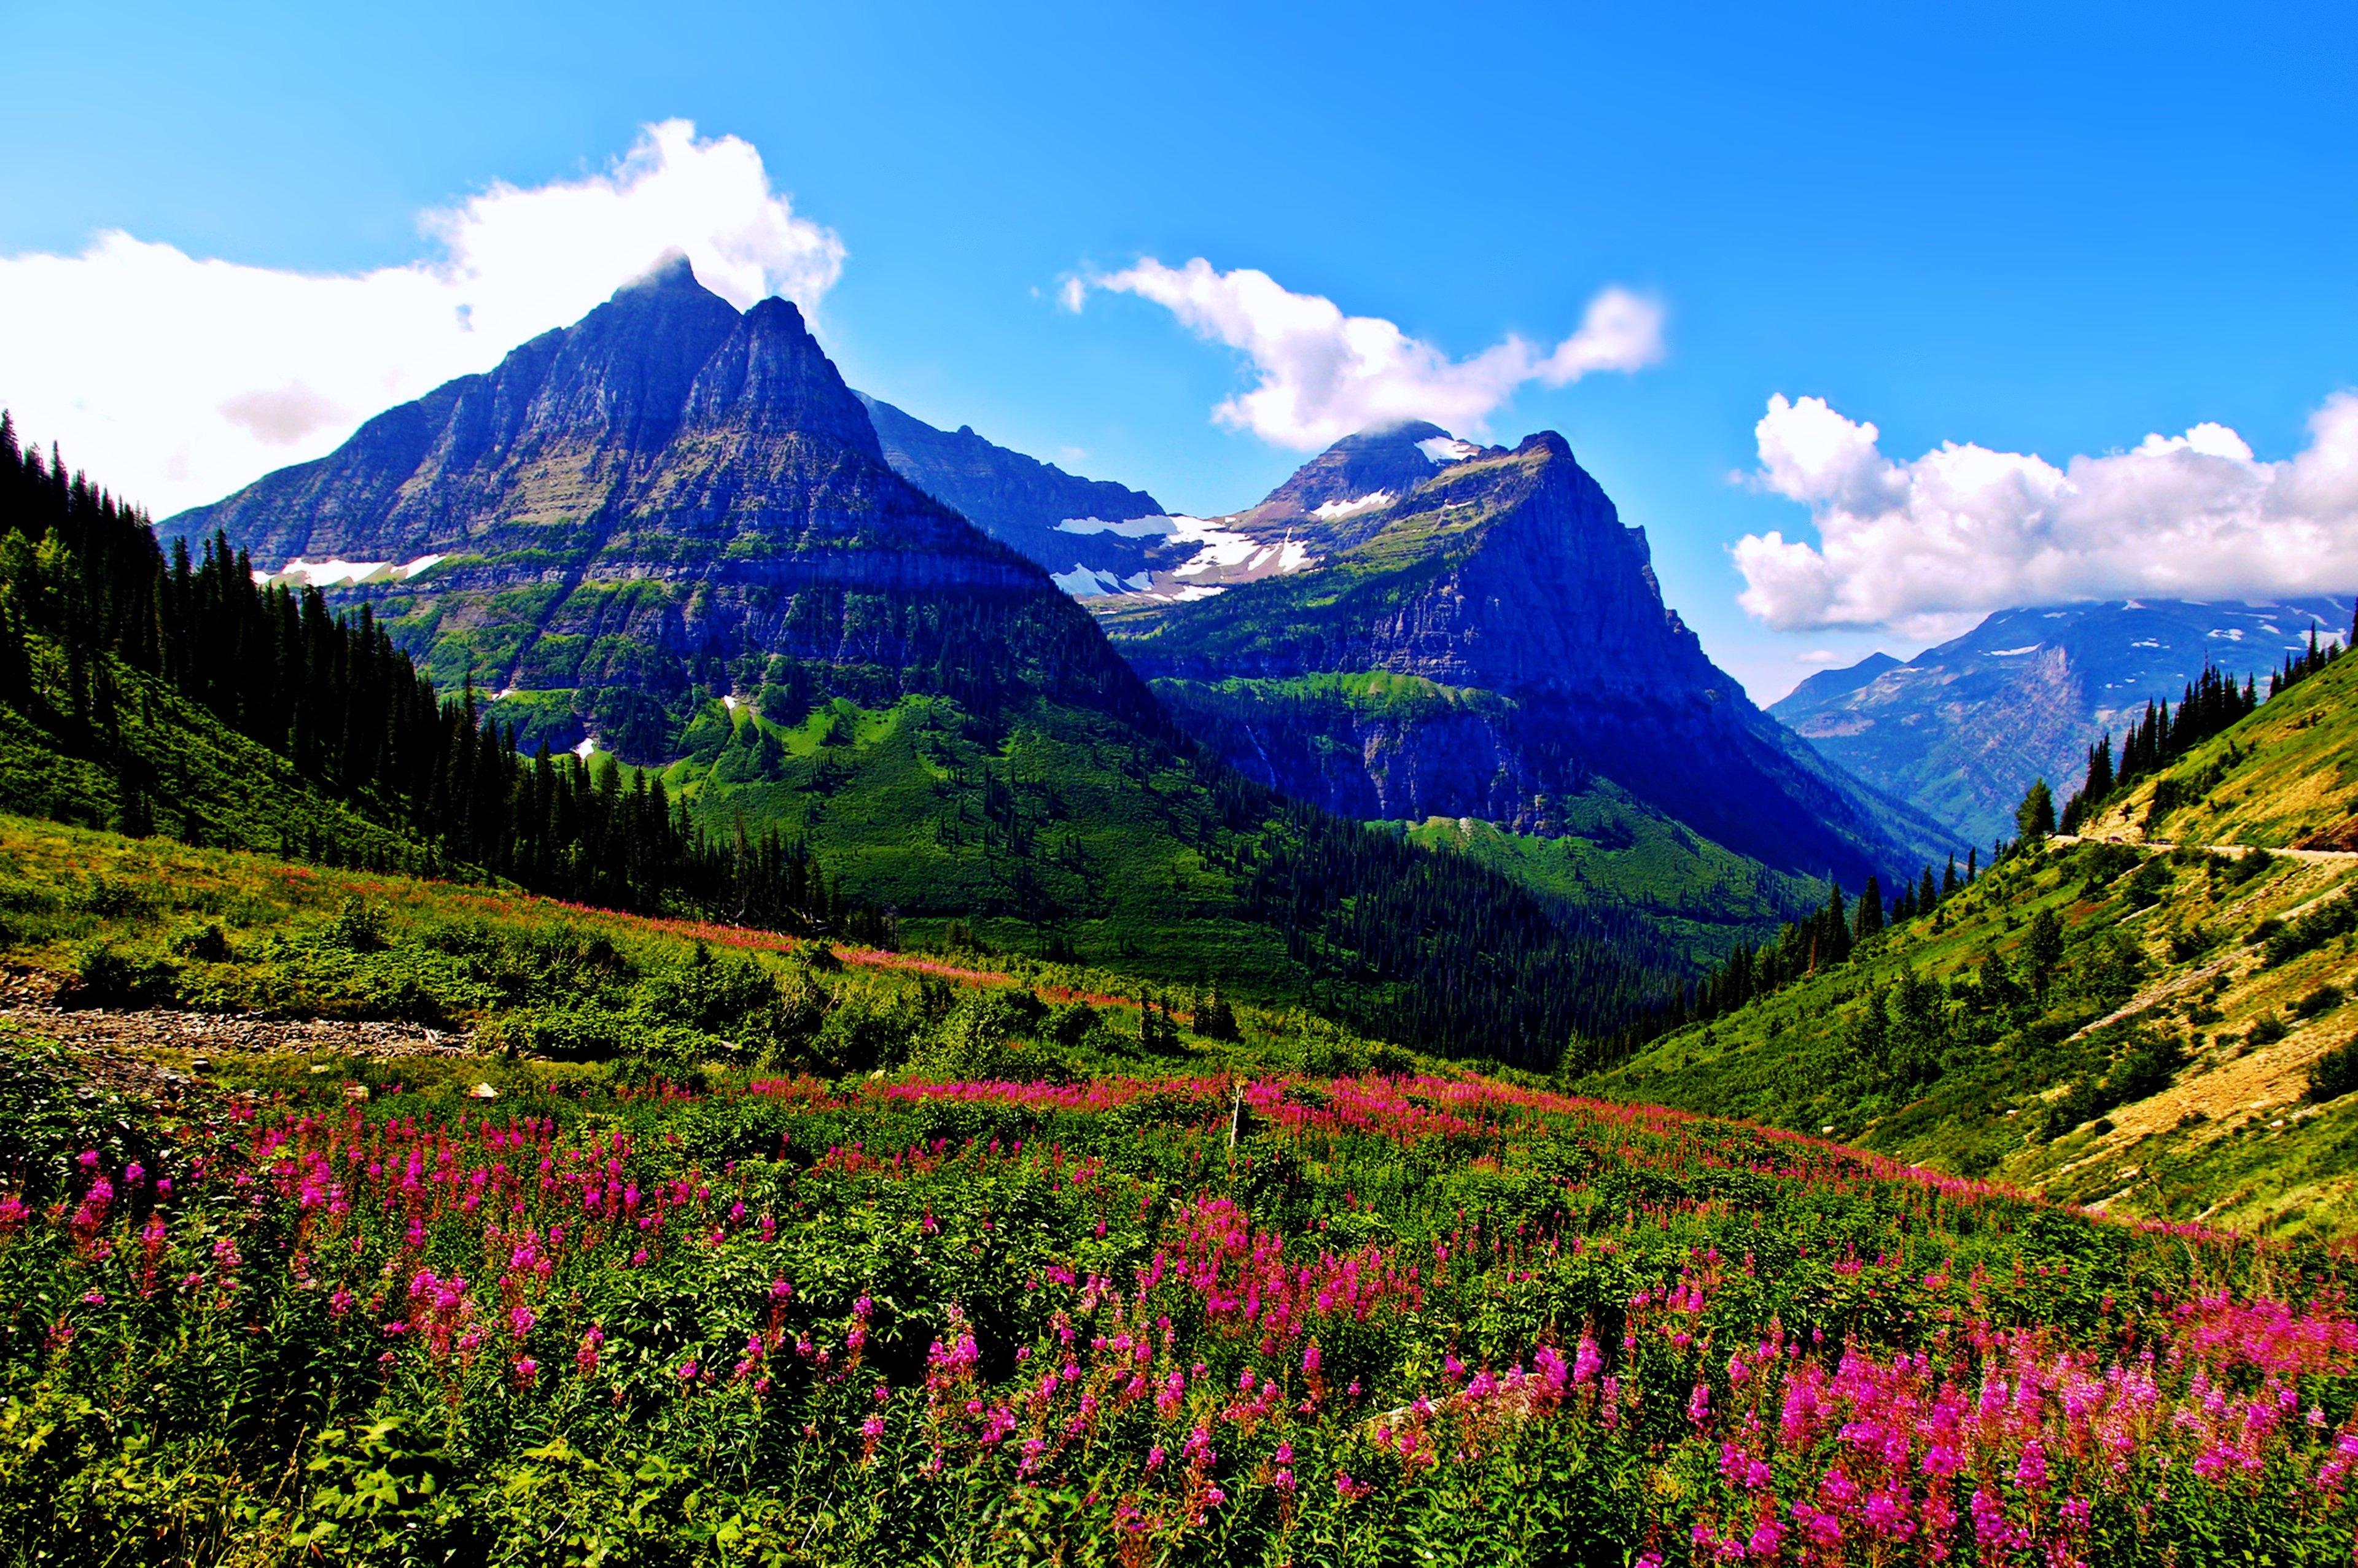 Spring Mountain Landscape Flowers Purple Colored Hills: Landscape Mountain Spring Earth Nature Flower Wallpaper